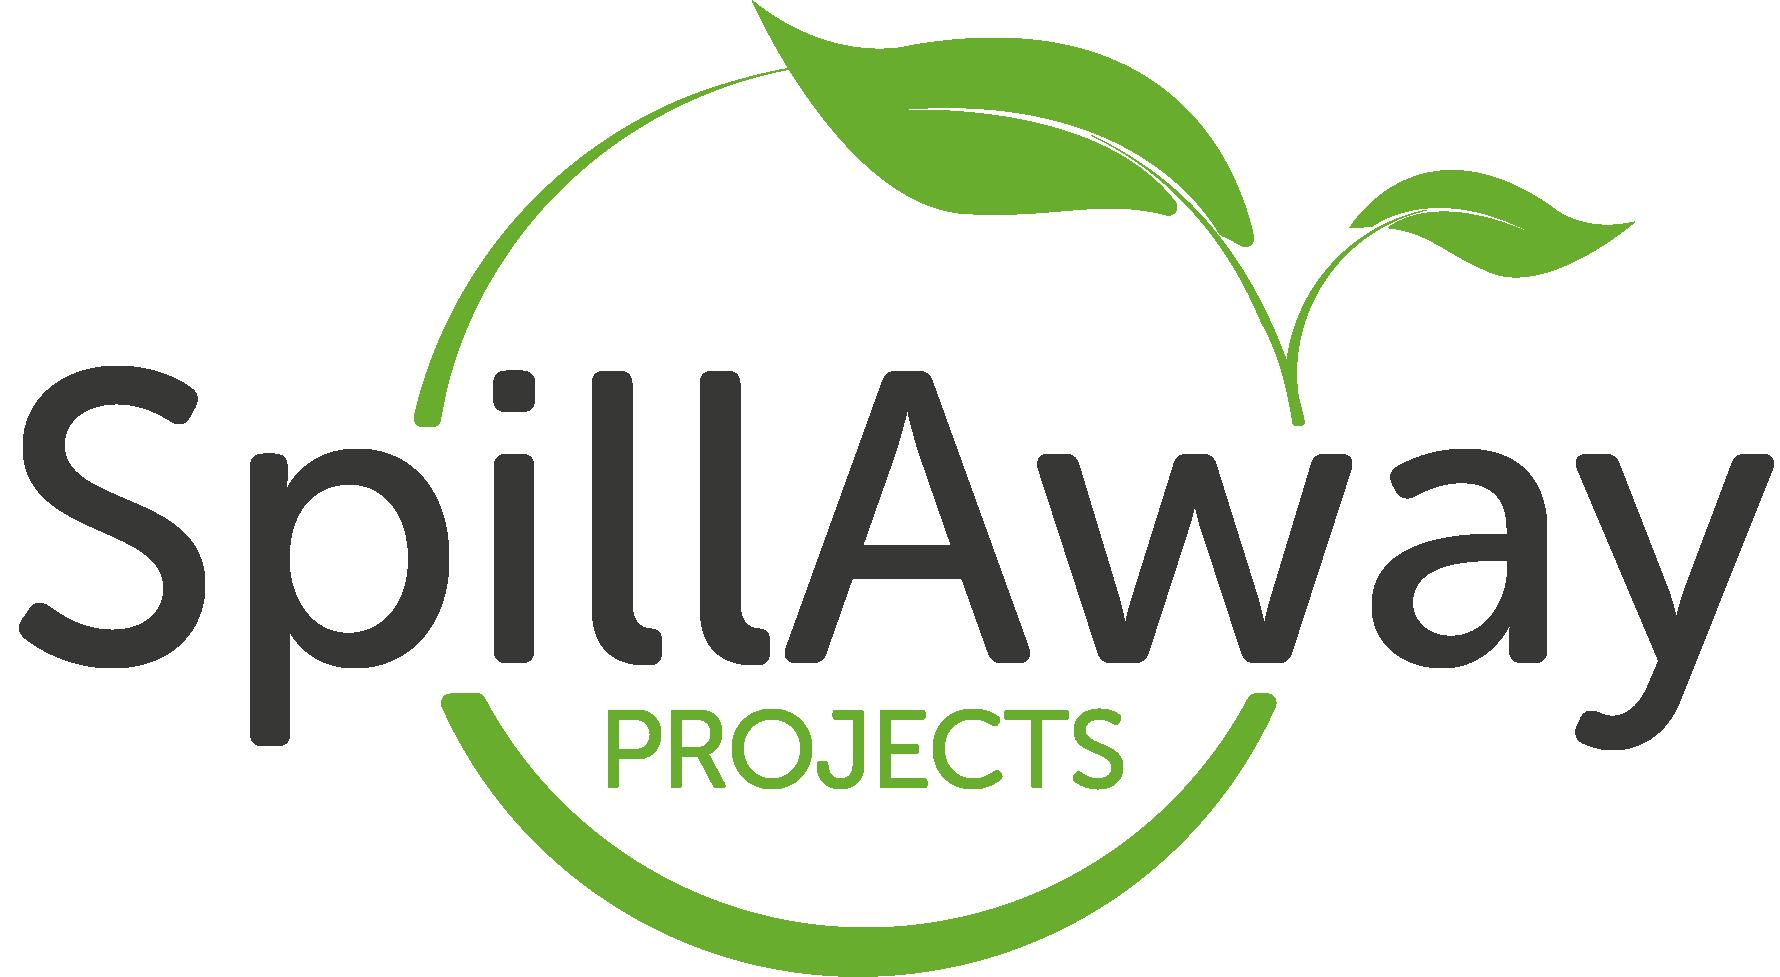 SpillAway Projects Ltd